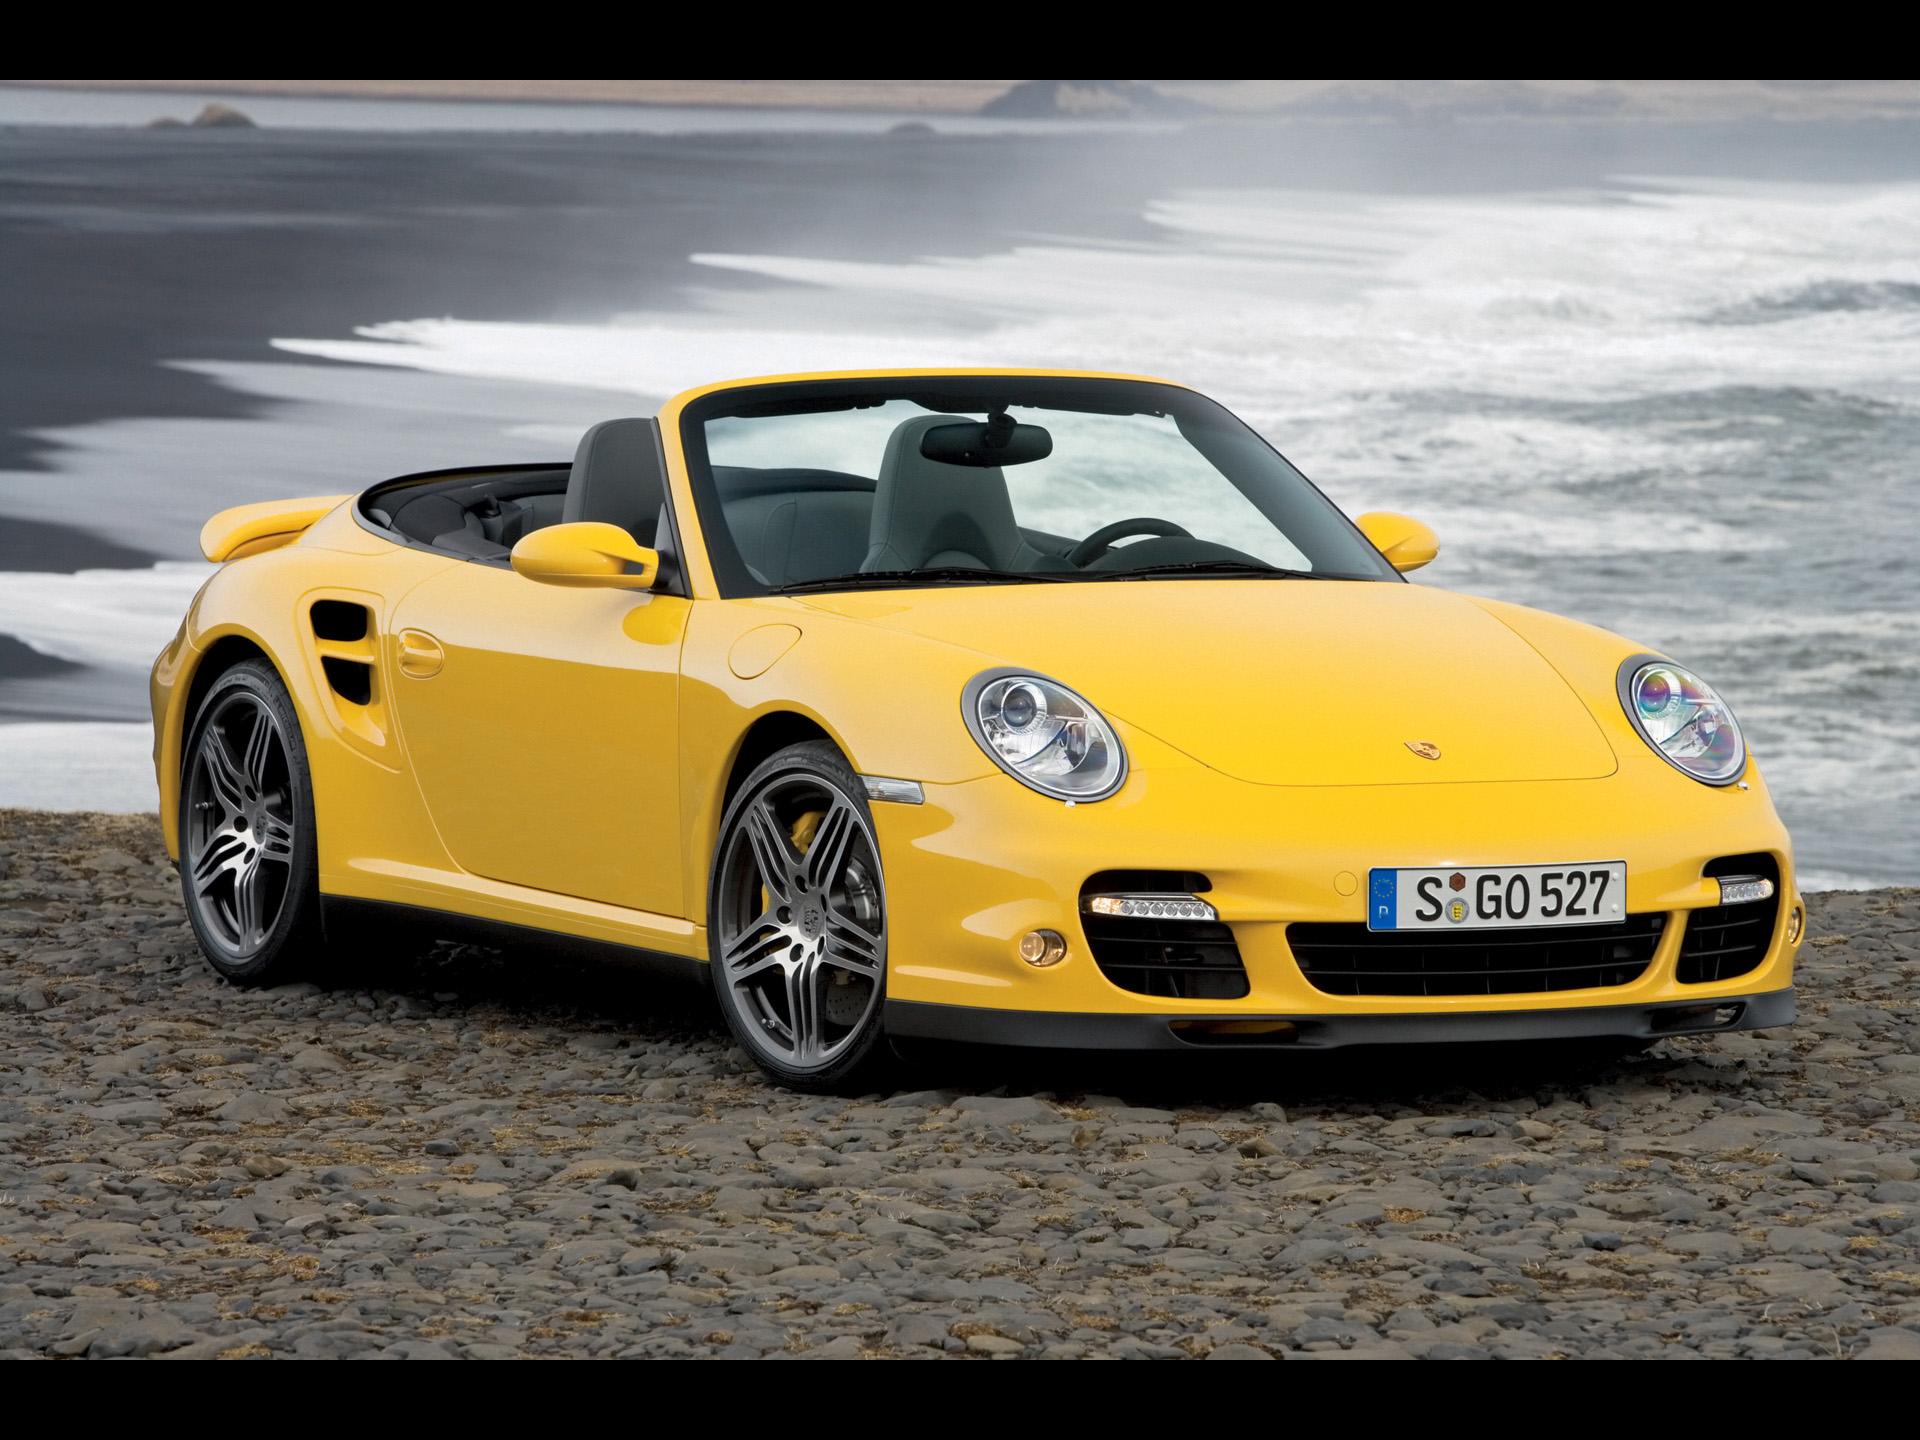 porsche 911 cabrio 997 911 carrera cabriolet 325 hp. Black Bedroom Furniture Sets. Home Design Ideas